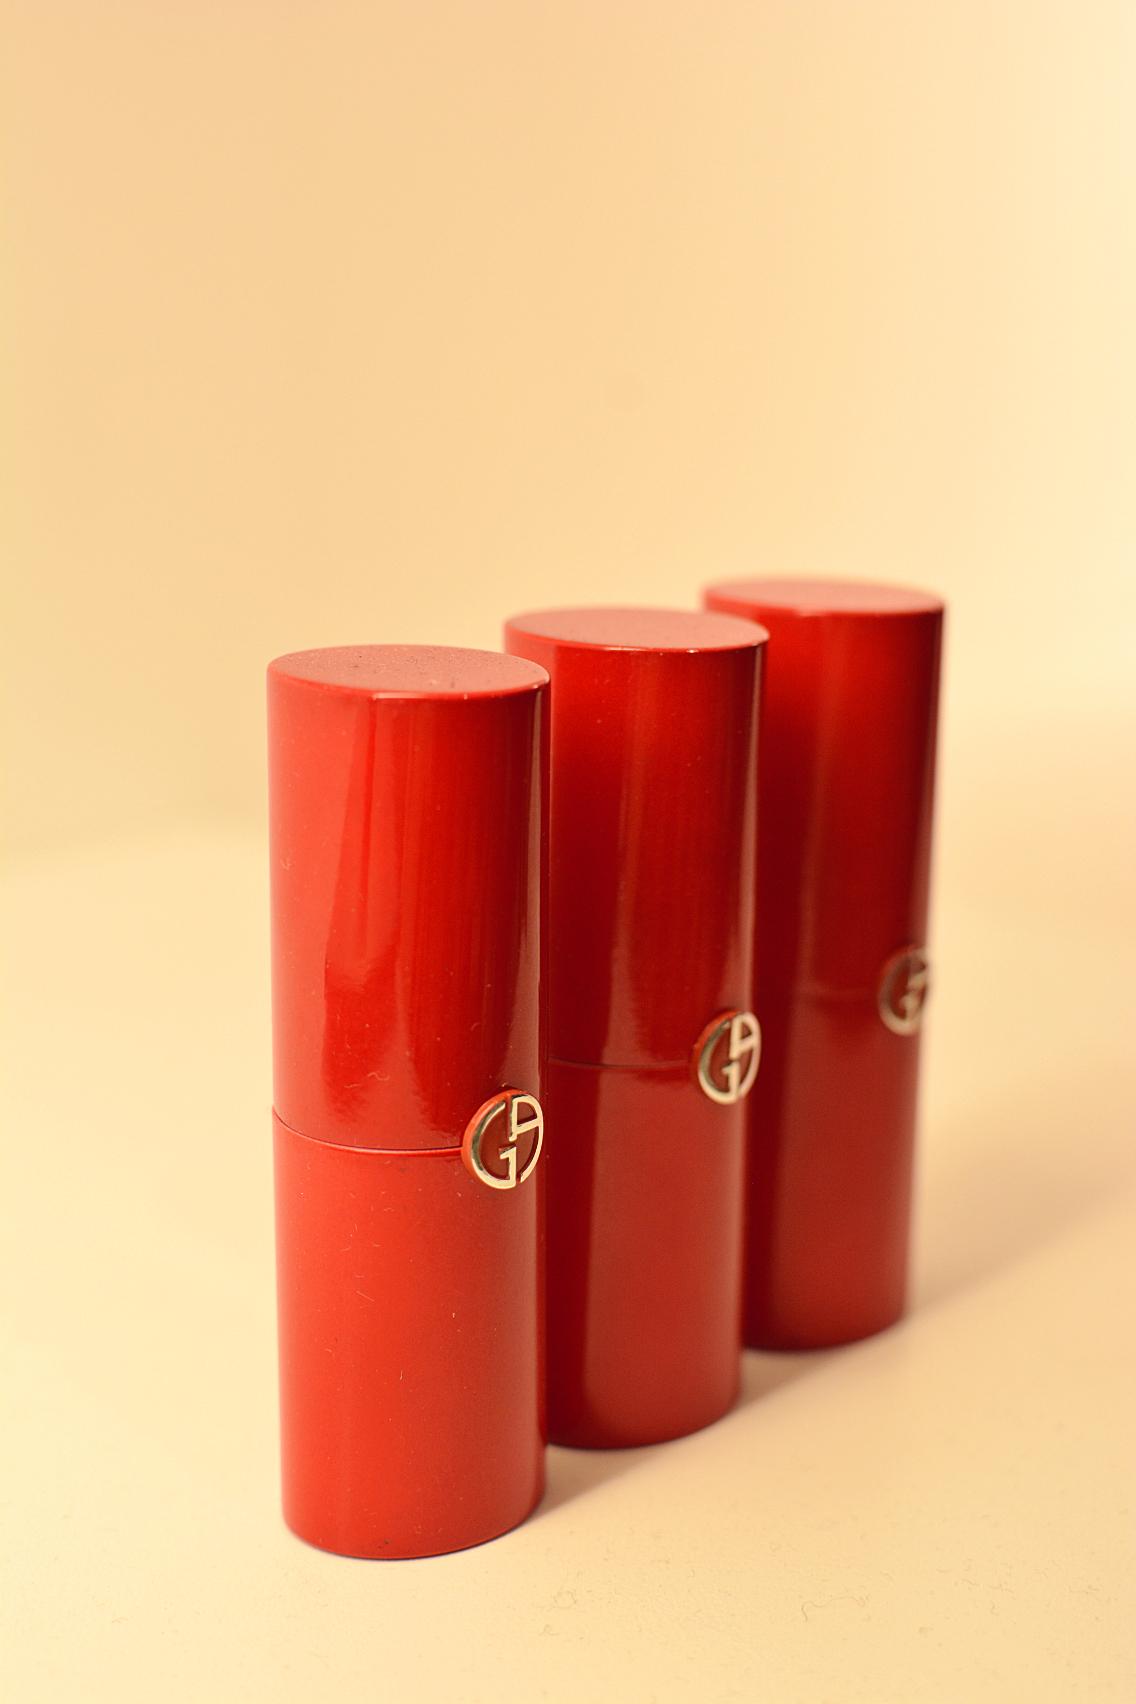 Giorgio Armani Beauty Chicago 5